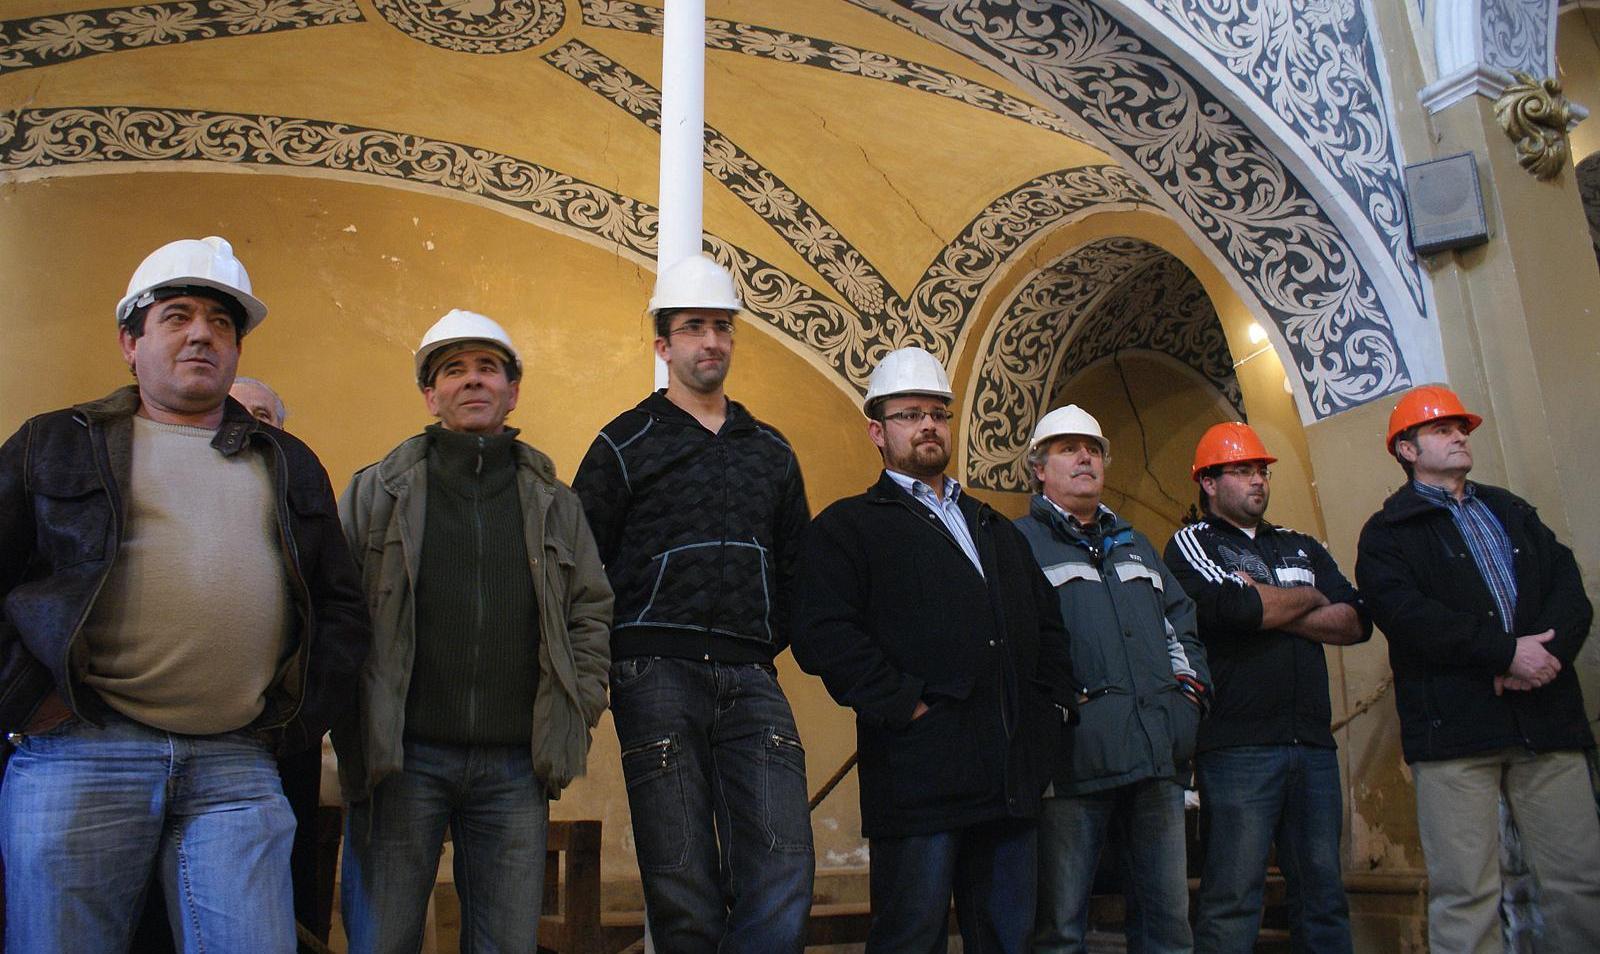 Misa de San Valero 2010, grupo con cascos en señal de protesta por el estado de la iglesia. Día del cierre por riesgo de derrumbe. >> pincha para verla en la galería.